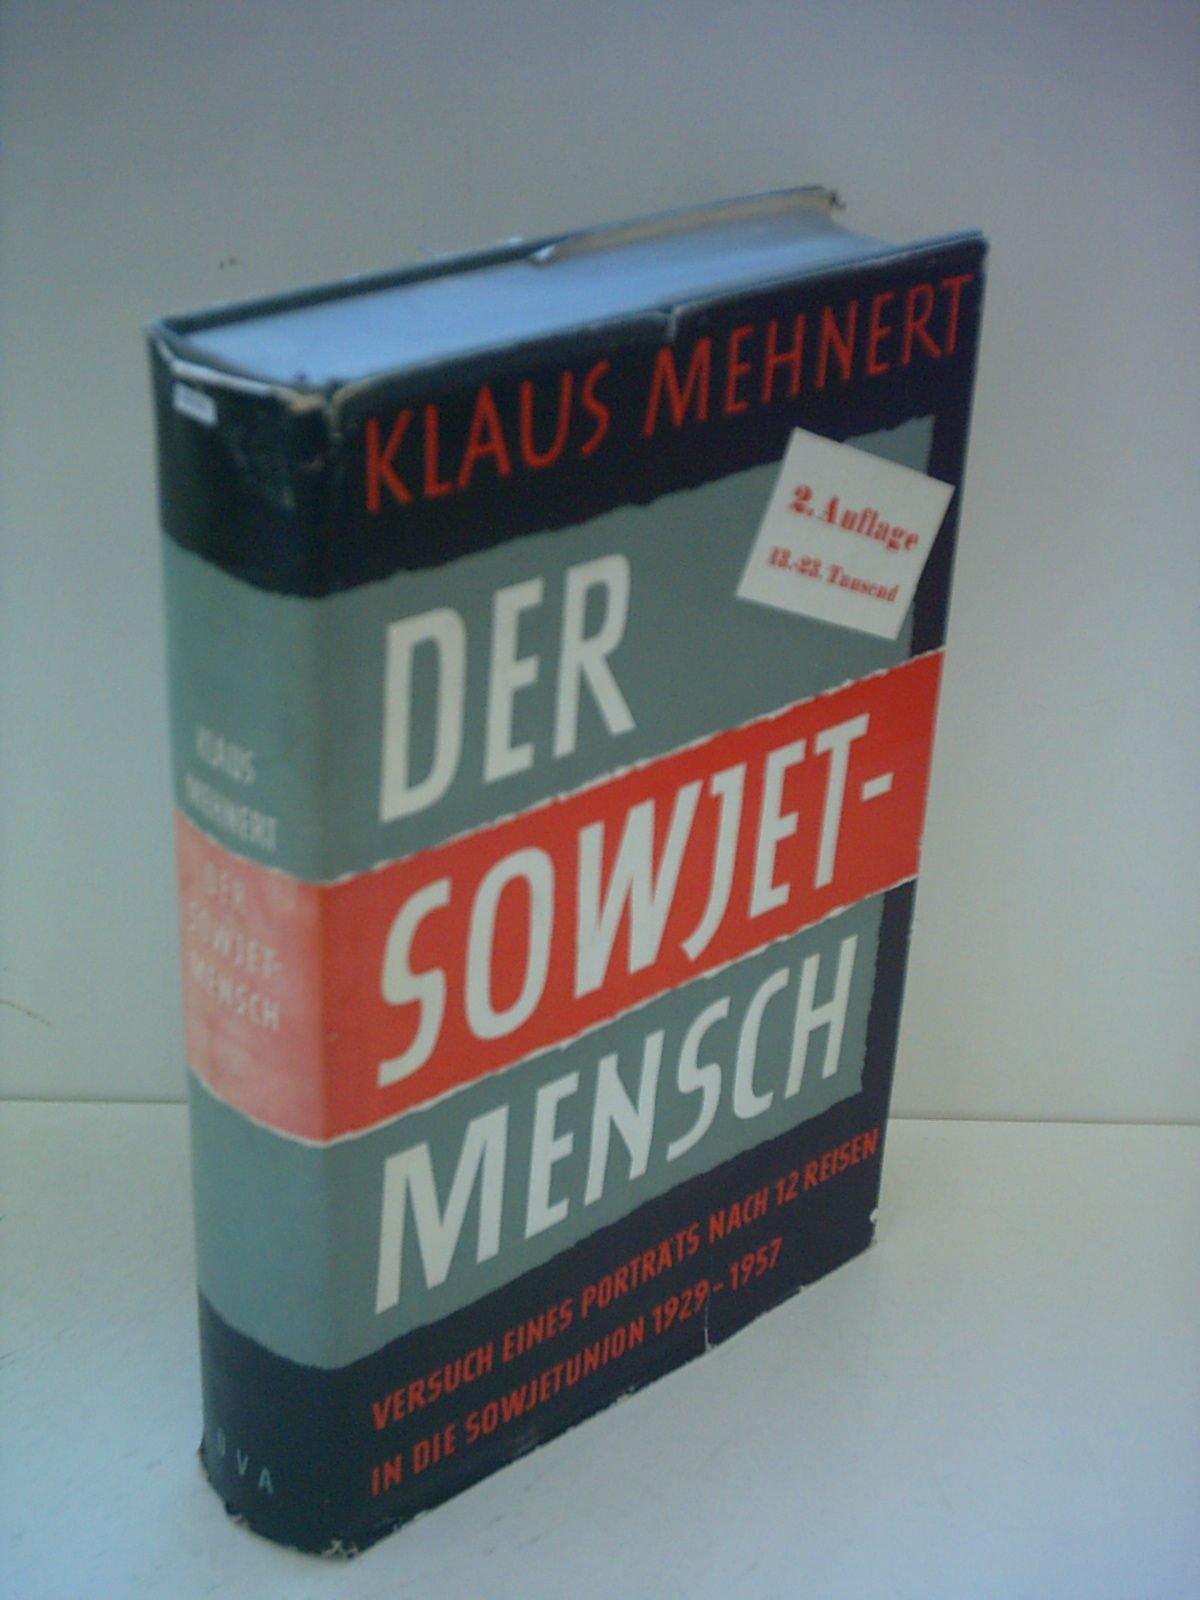 Klaus Mehnert: Der Sowjetmensch - Versuch eines Porträts nach 12 Reisen in die Sowjetunion 1929-1957